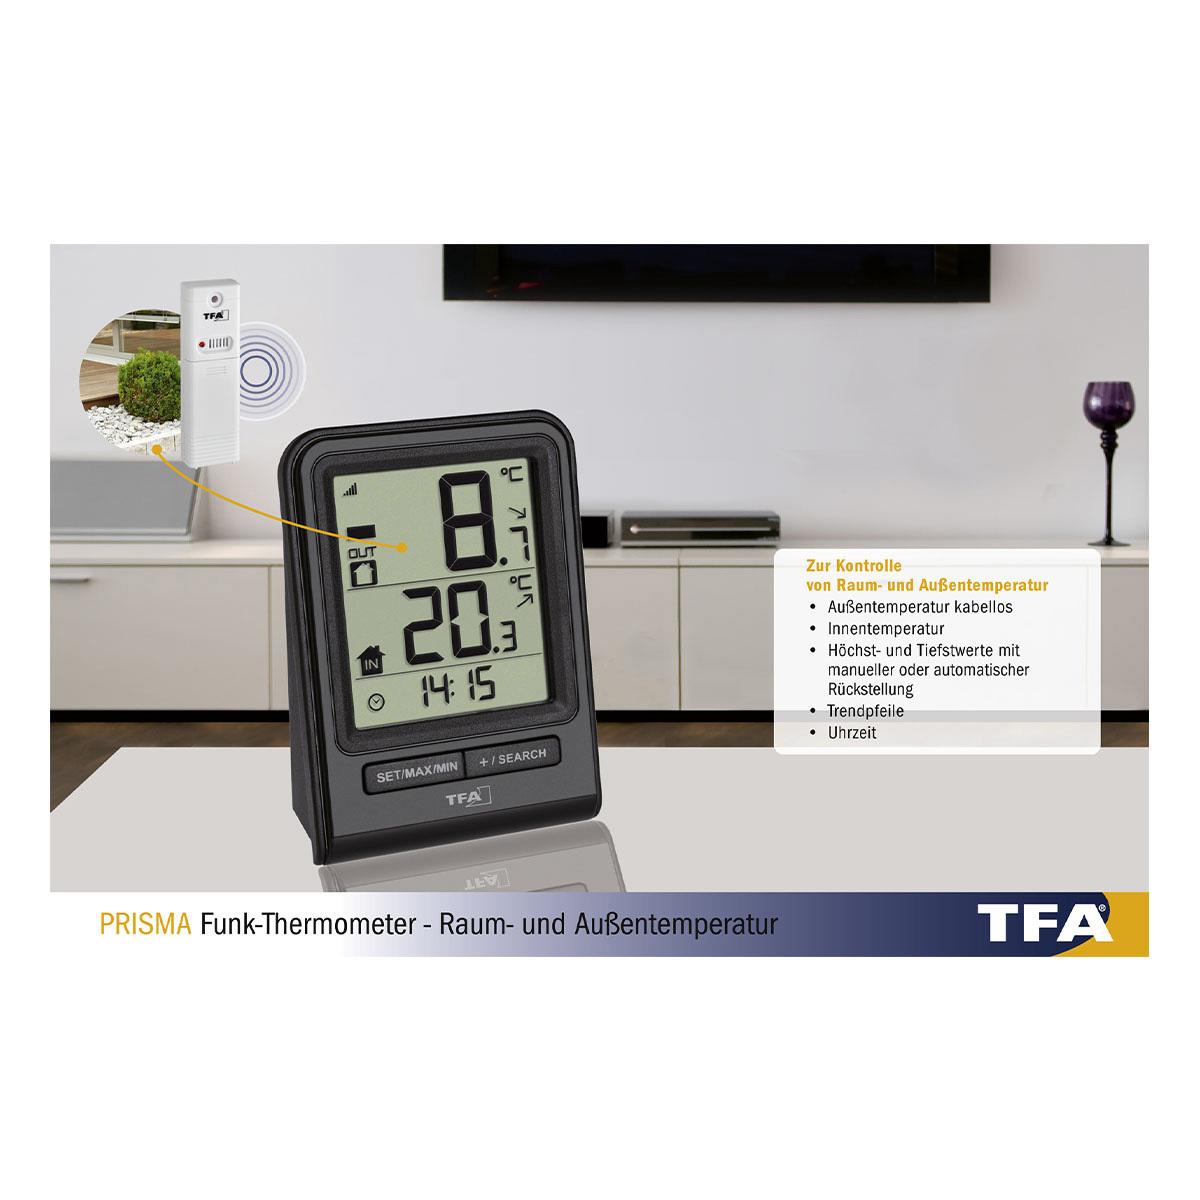 30-3063-01-funk-thermometer-prisma-vorteile-1200x1200px.jpg